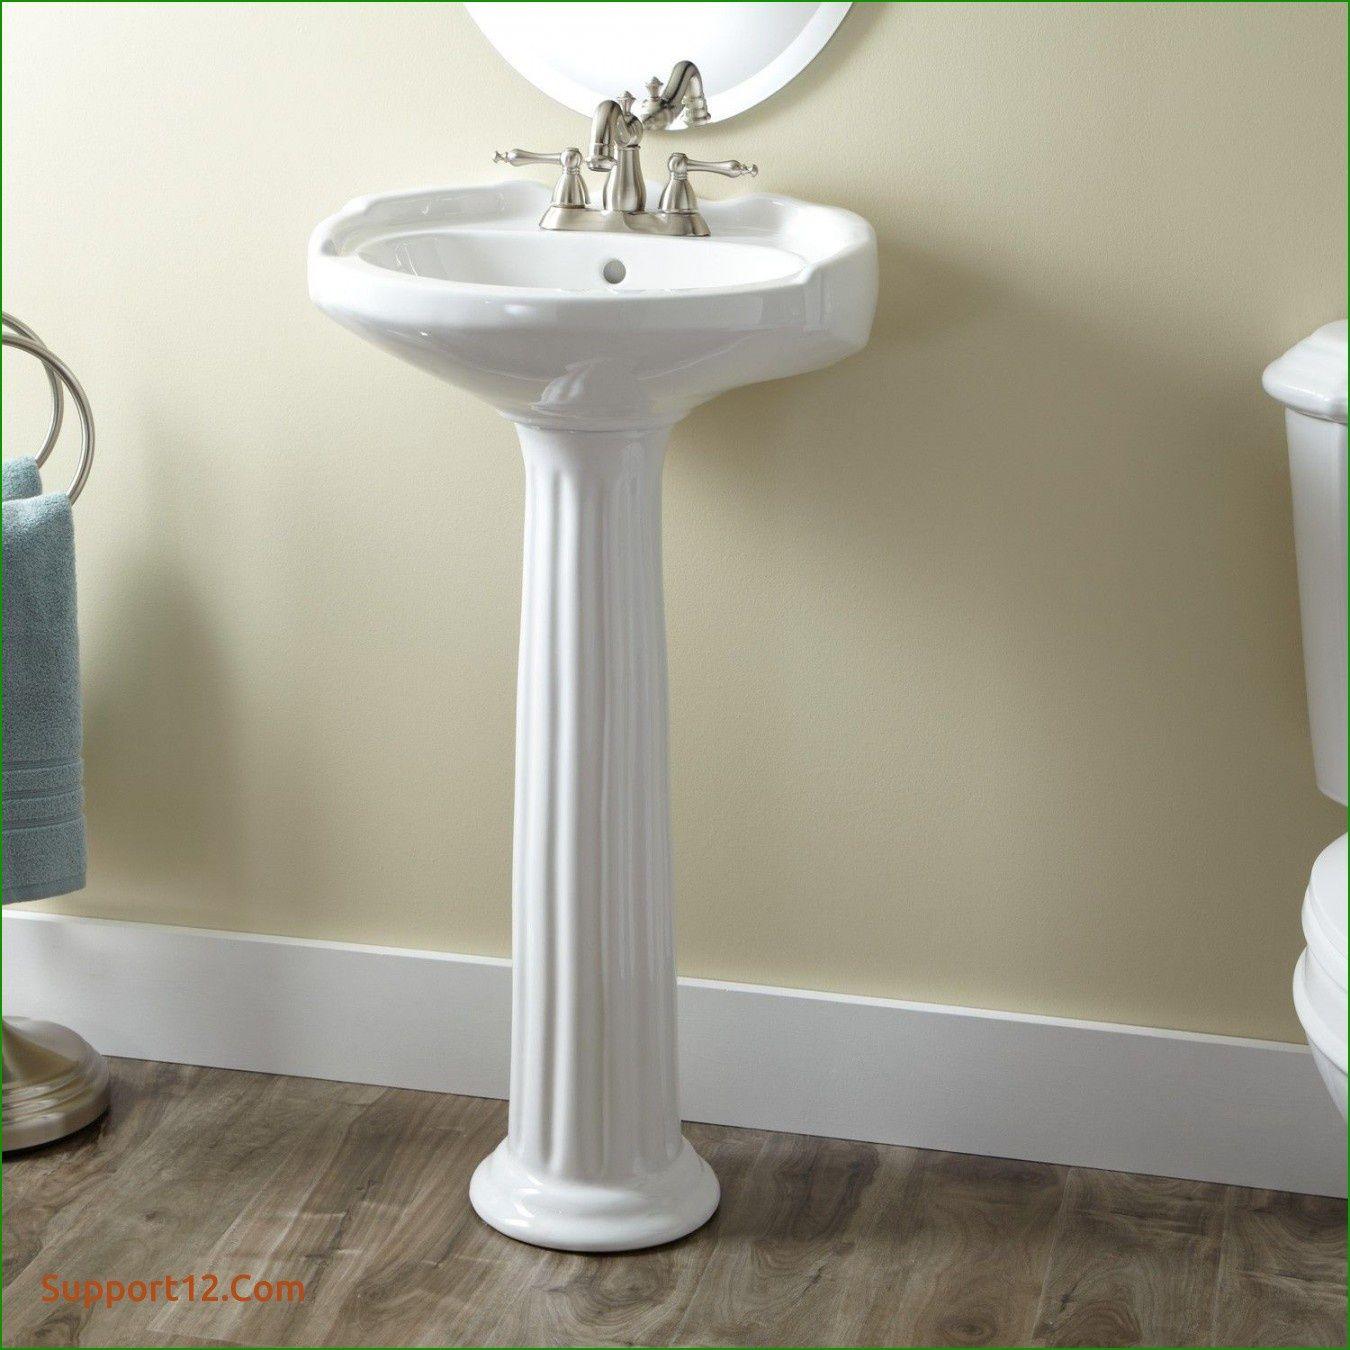 Elegant Small Pedestal Sink Support12 Pedestal Sink Pedestal Sink Bathroom Small Pedestal Sink